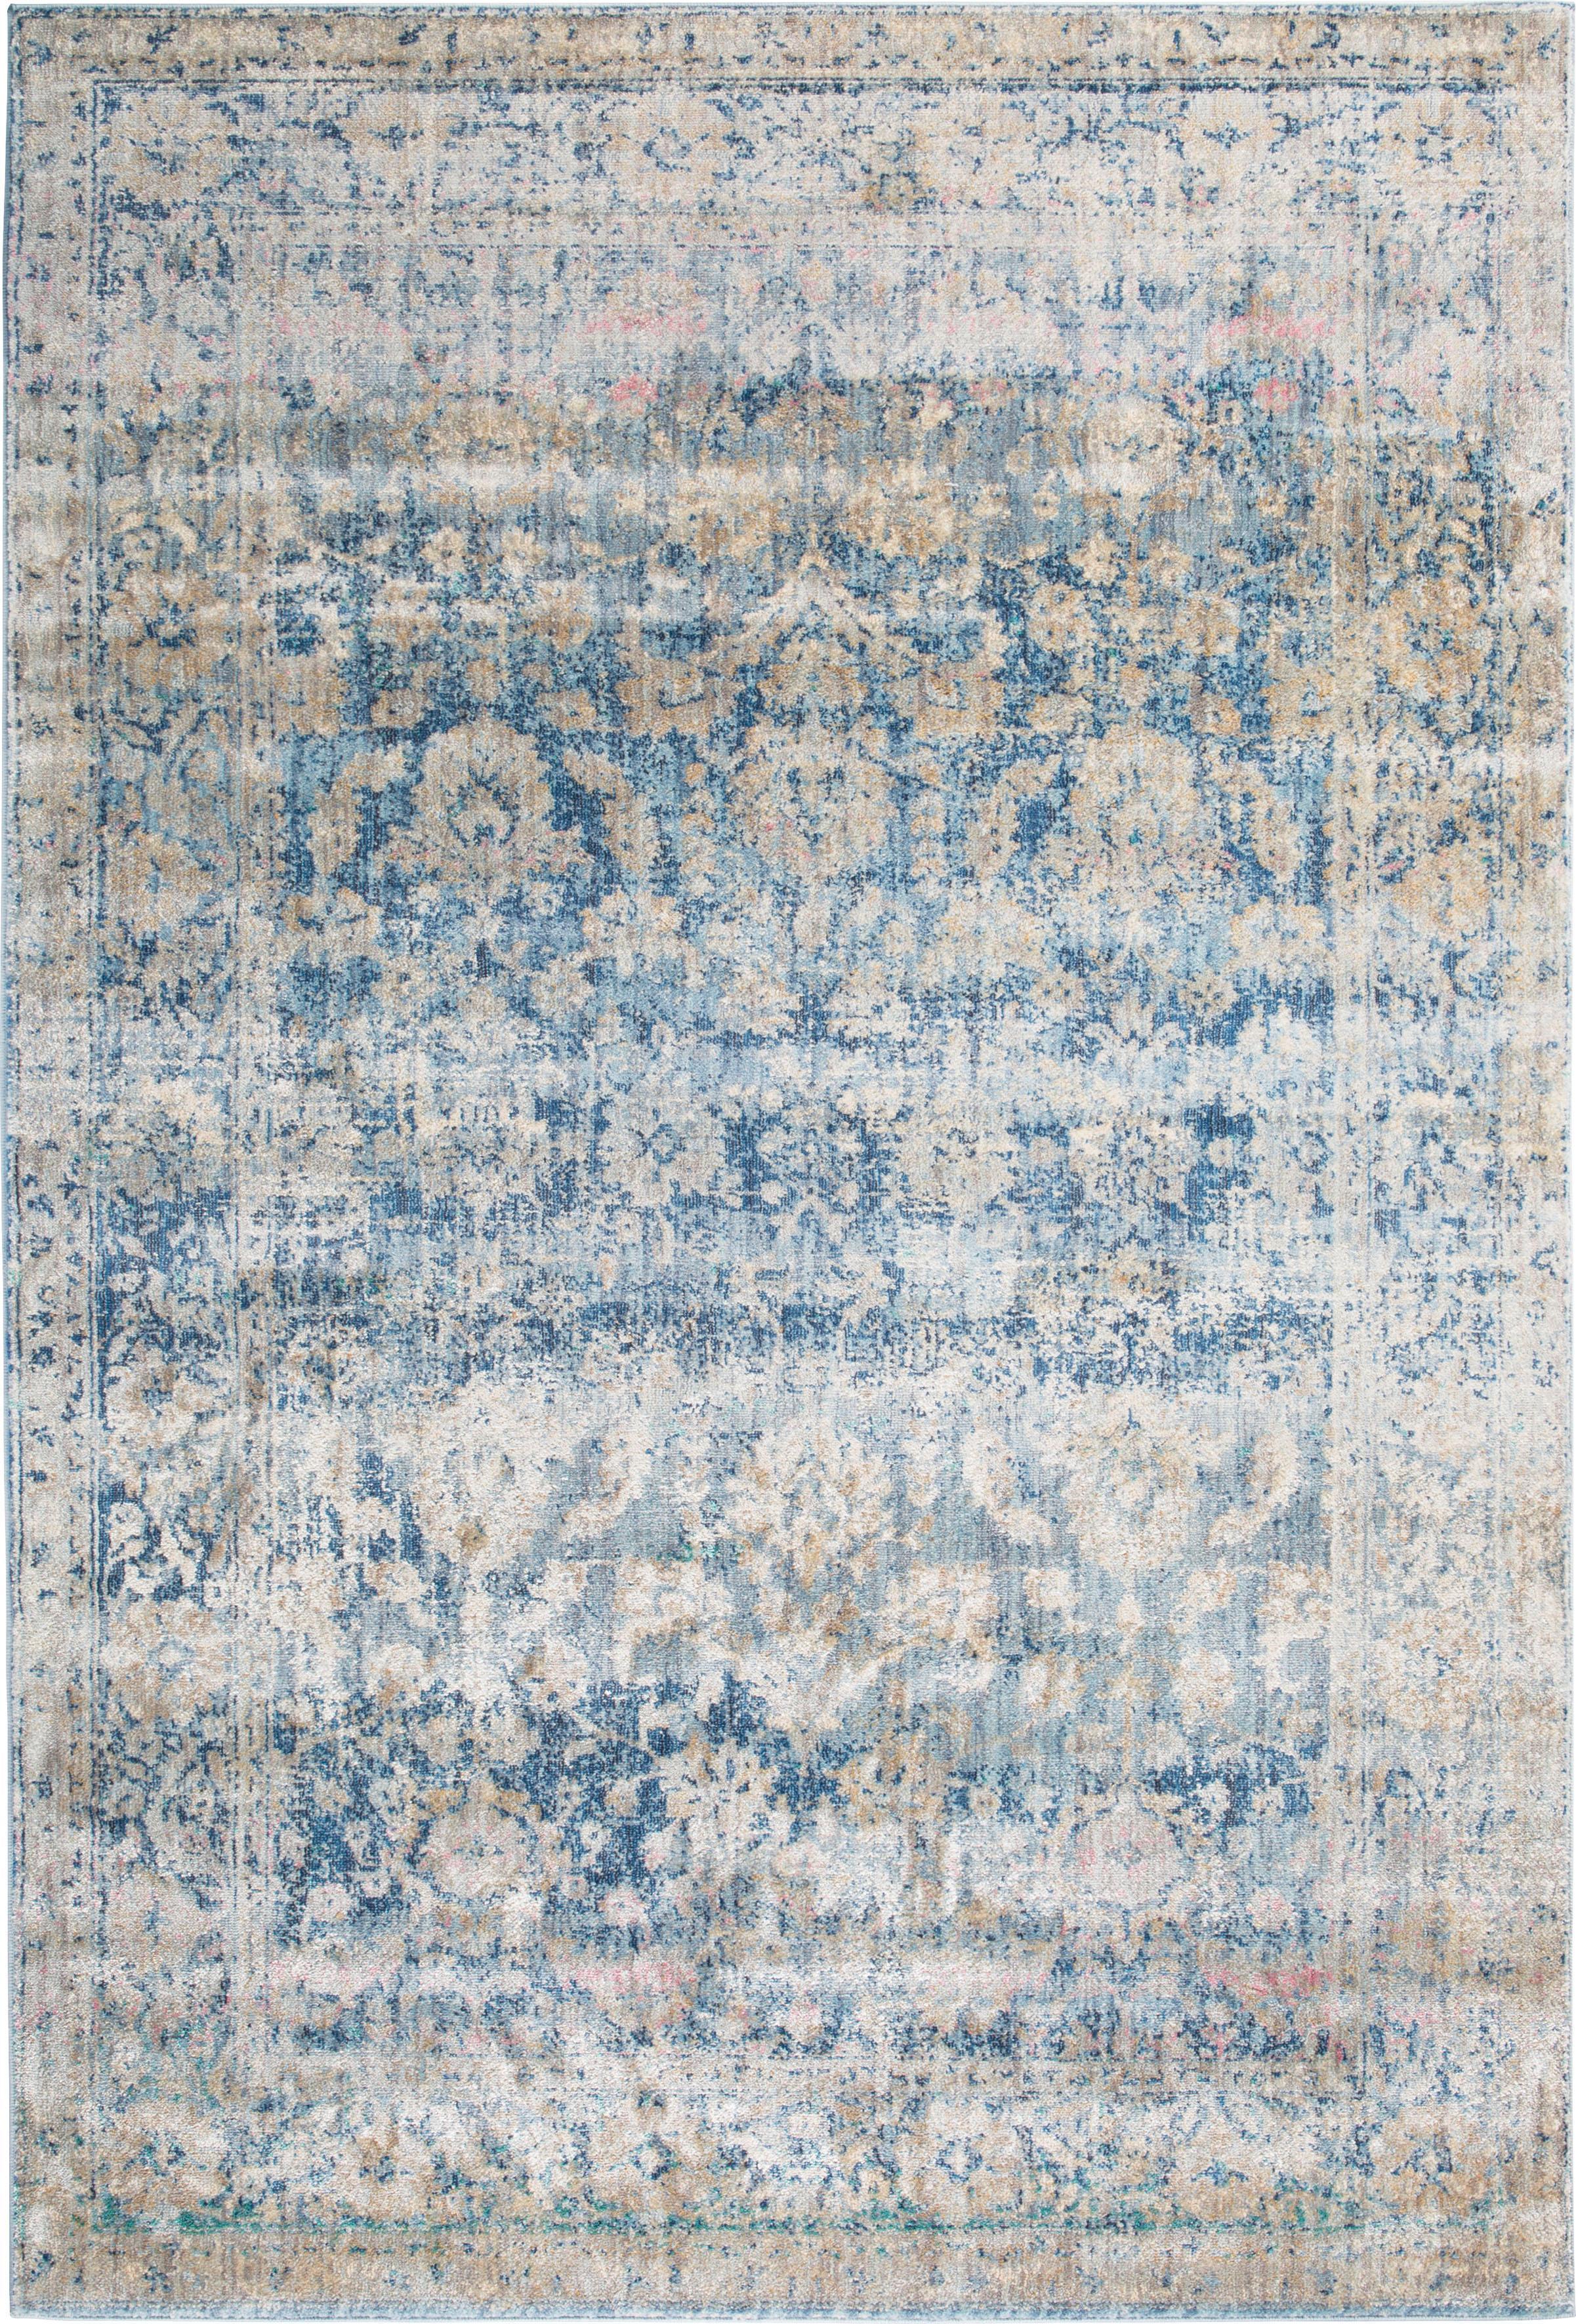 Teppich Belcanto 1 LUXOR living rechteckig Höhe 13 mm maschinell gewebt